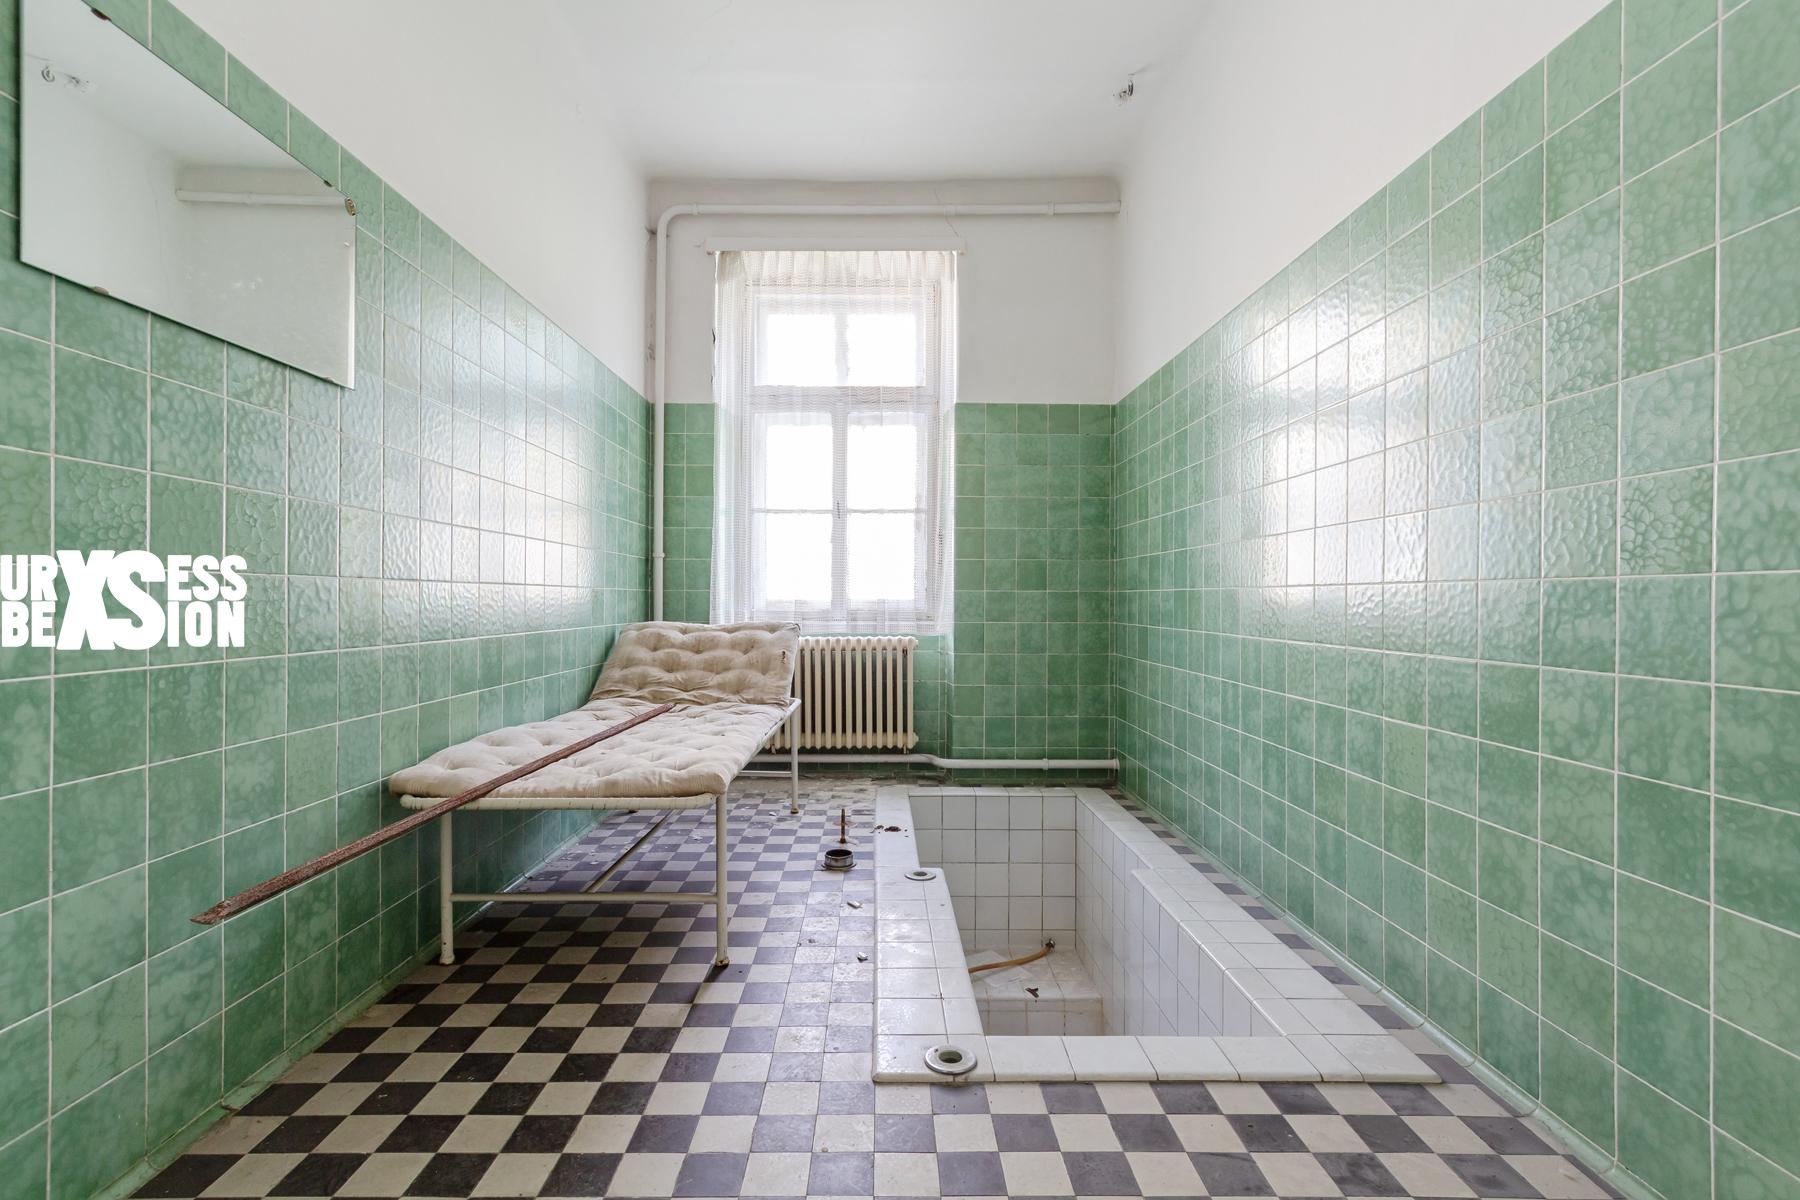 Hôtel abandonné en Autriche   urbexsession.com/hotel-udo-proksch   Urbex Autriche